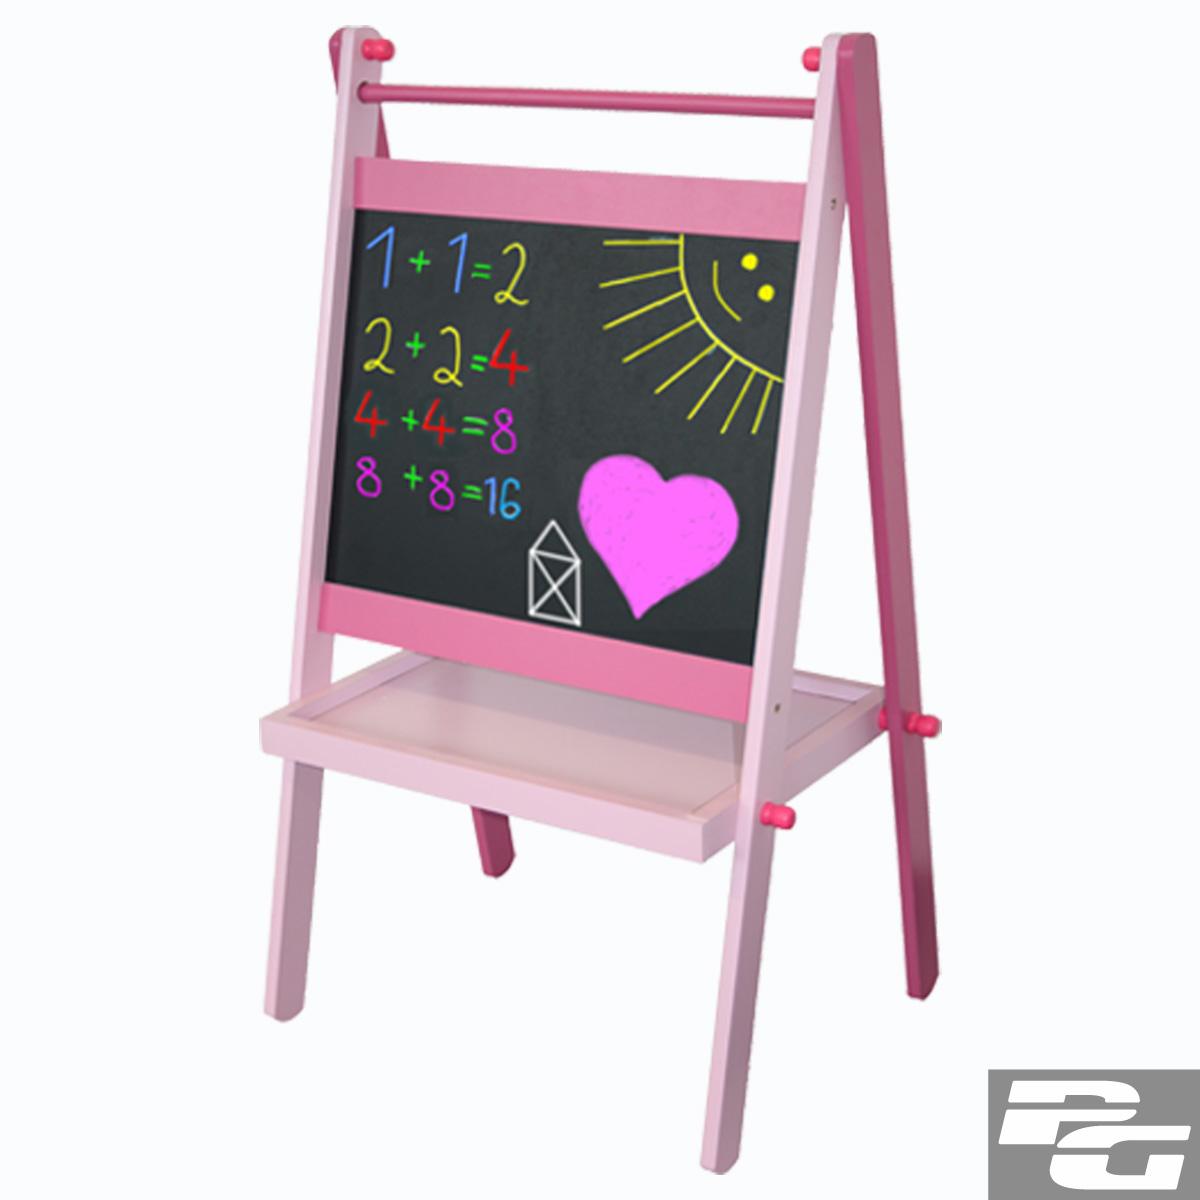 Schultafel mit kreide und schwamm  Standtafel Kindertafel Maltafel Holz Magnet Tafel (Kreide + ...